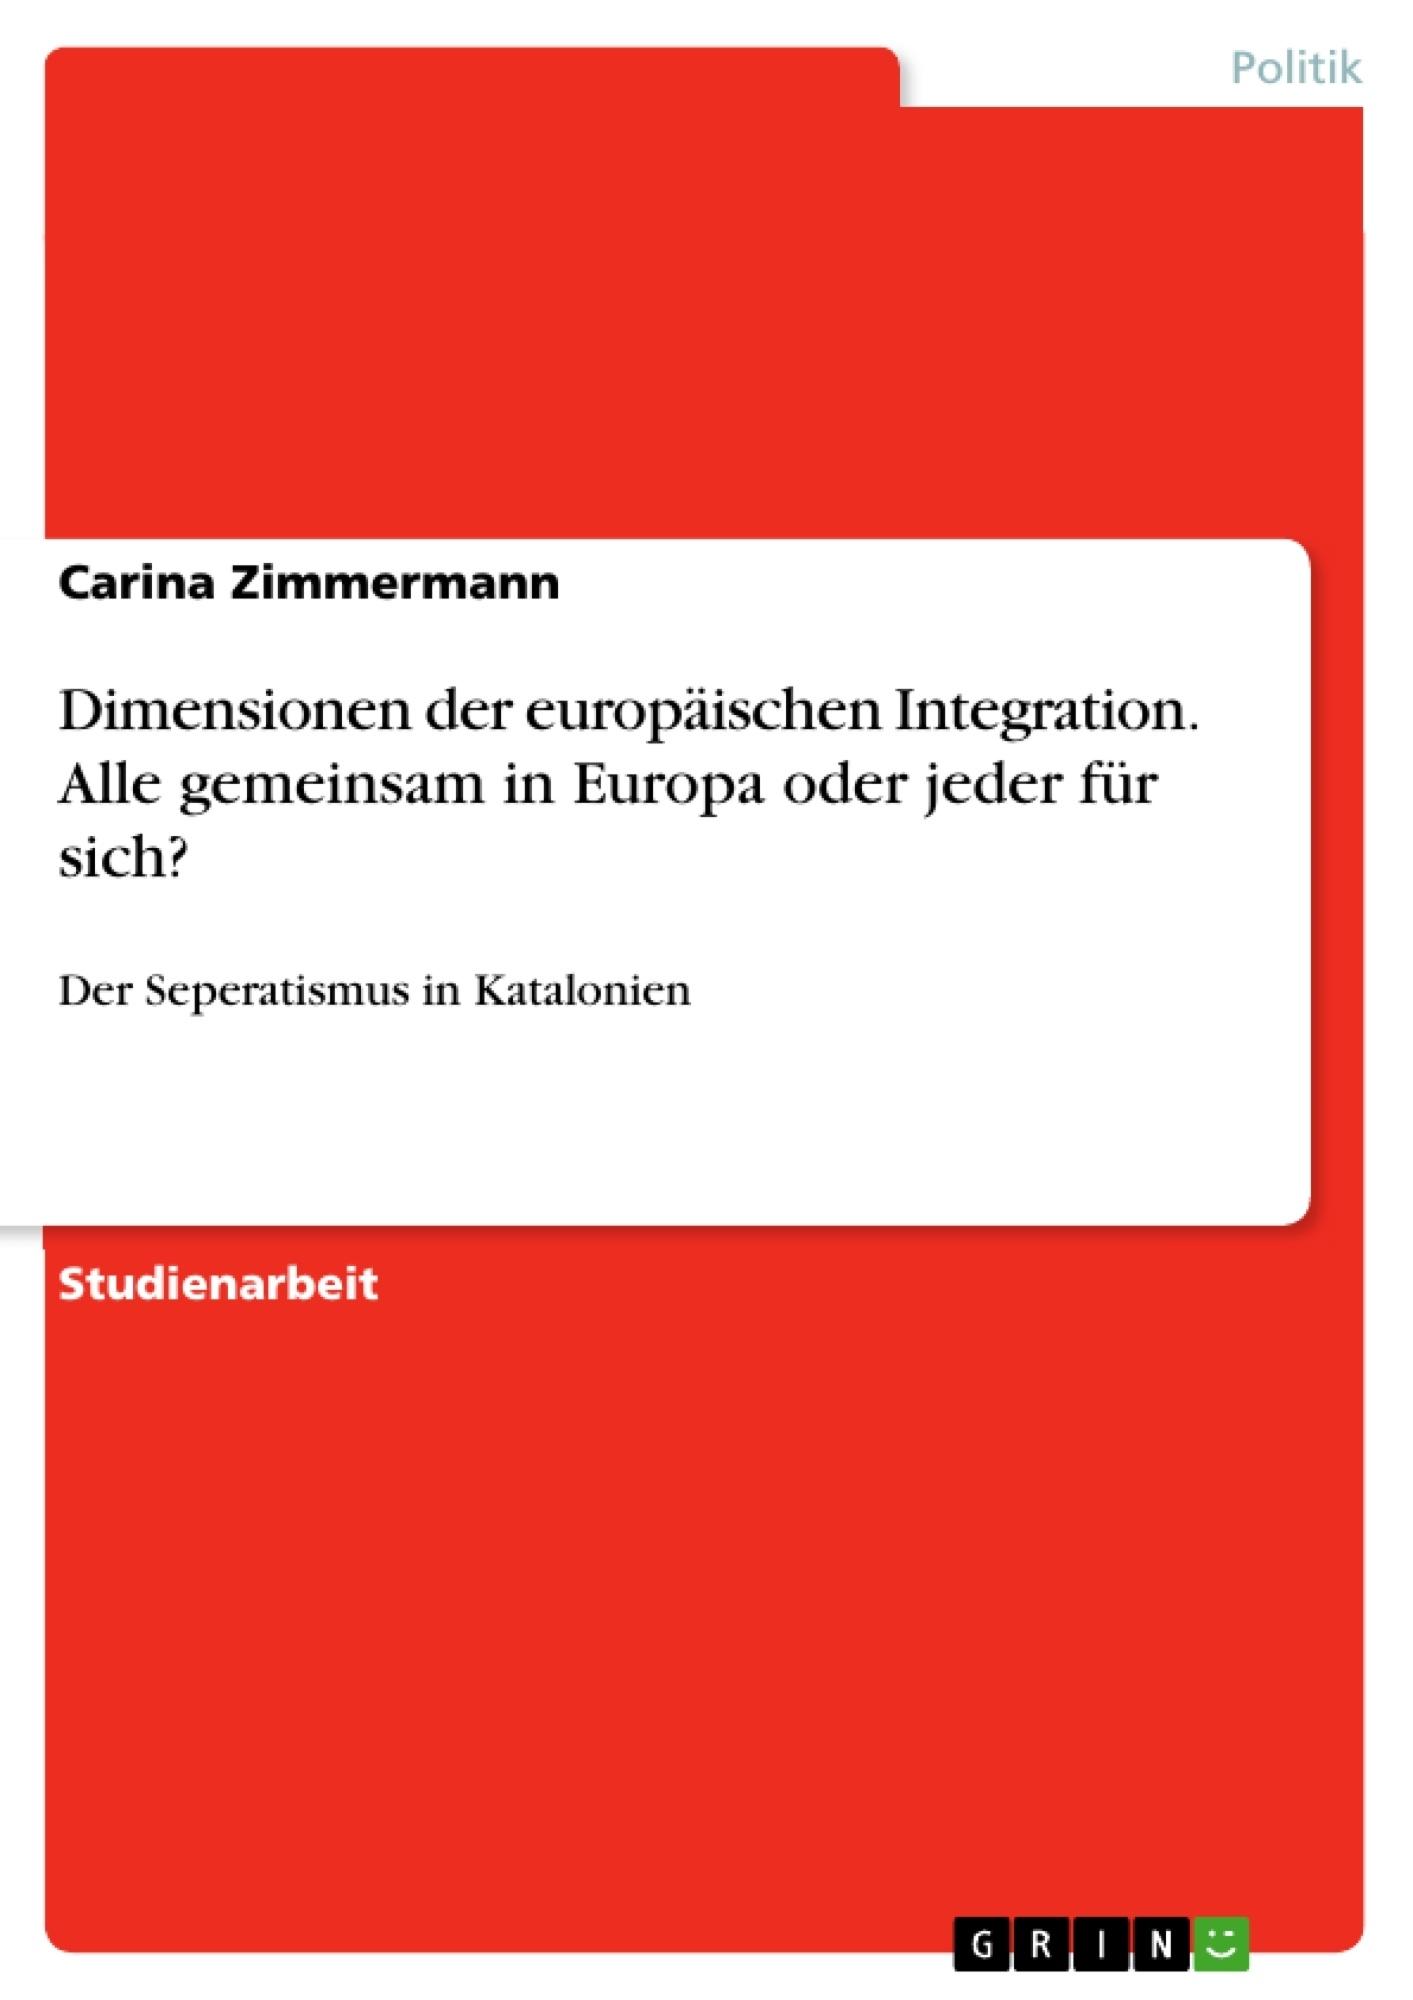 Titel: Dimensionen der europäischen Integration. Alle gemeinsam in Europa oder jeder für sich?